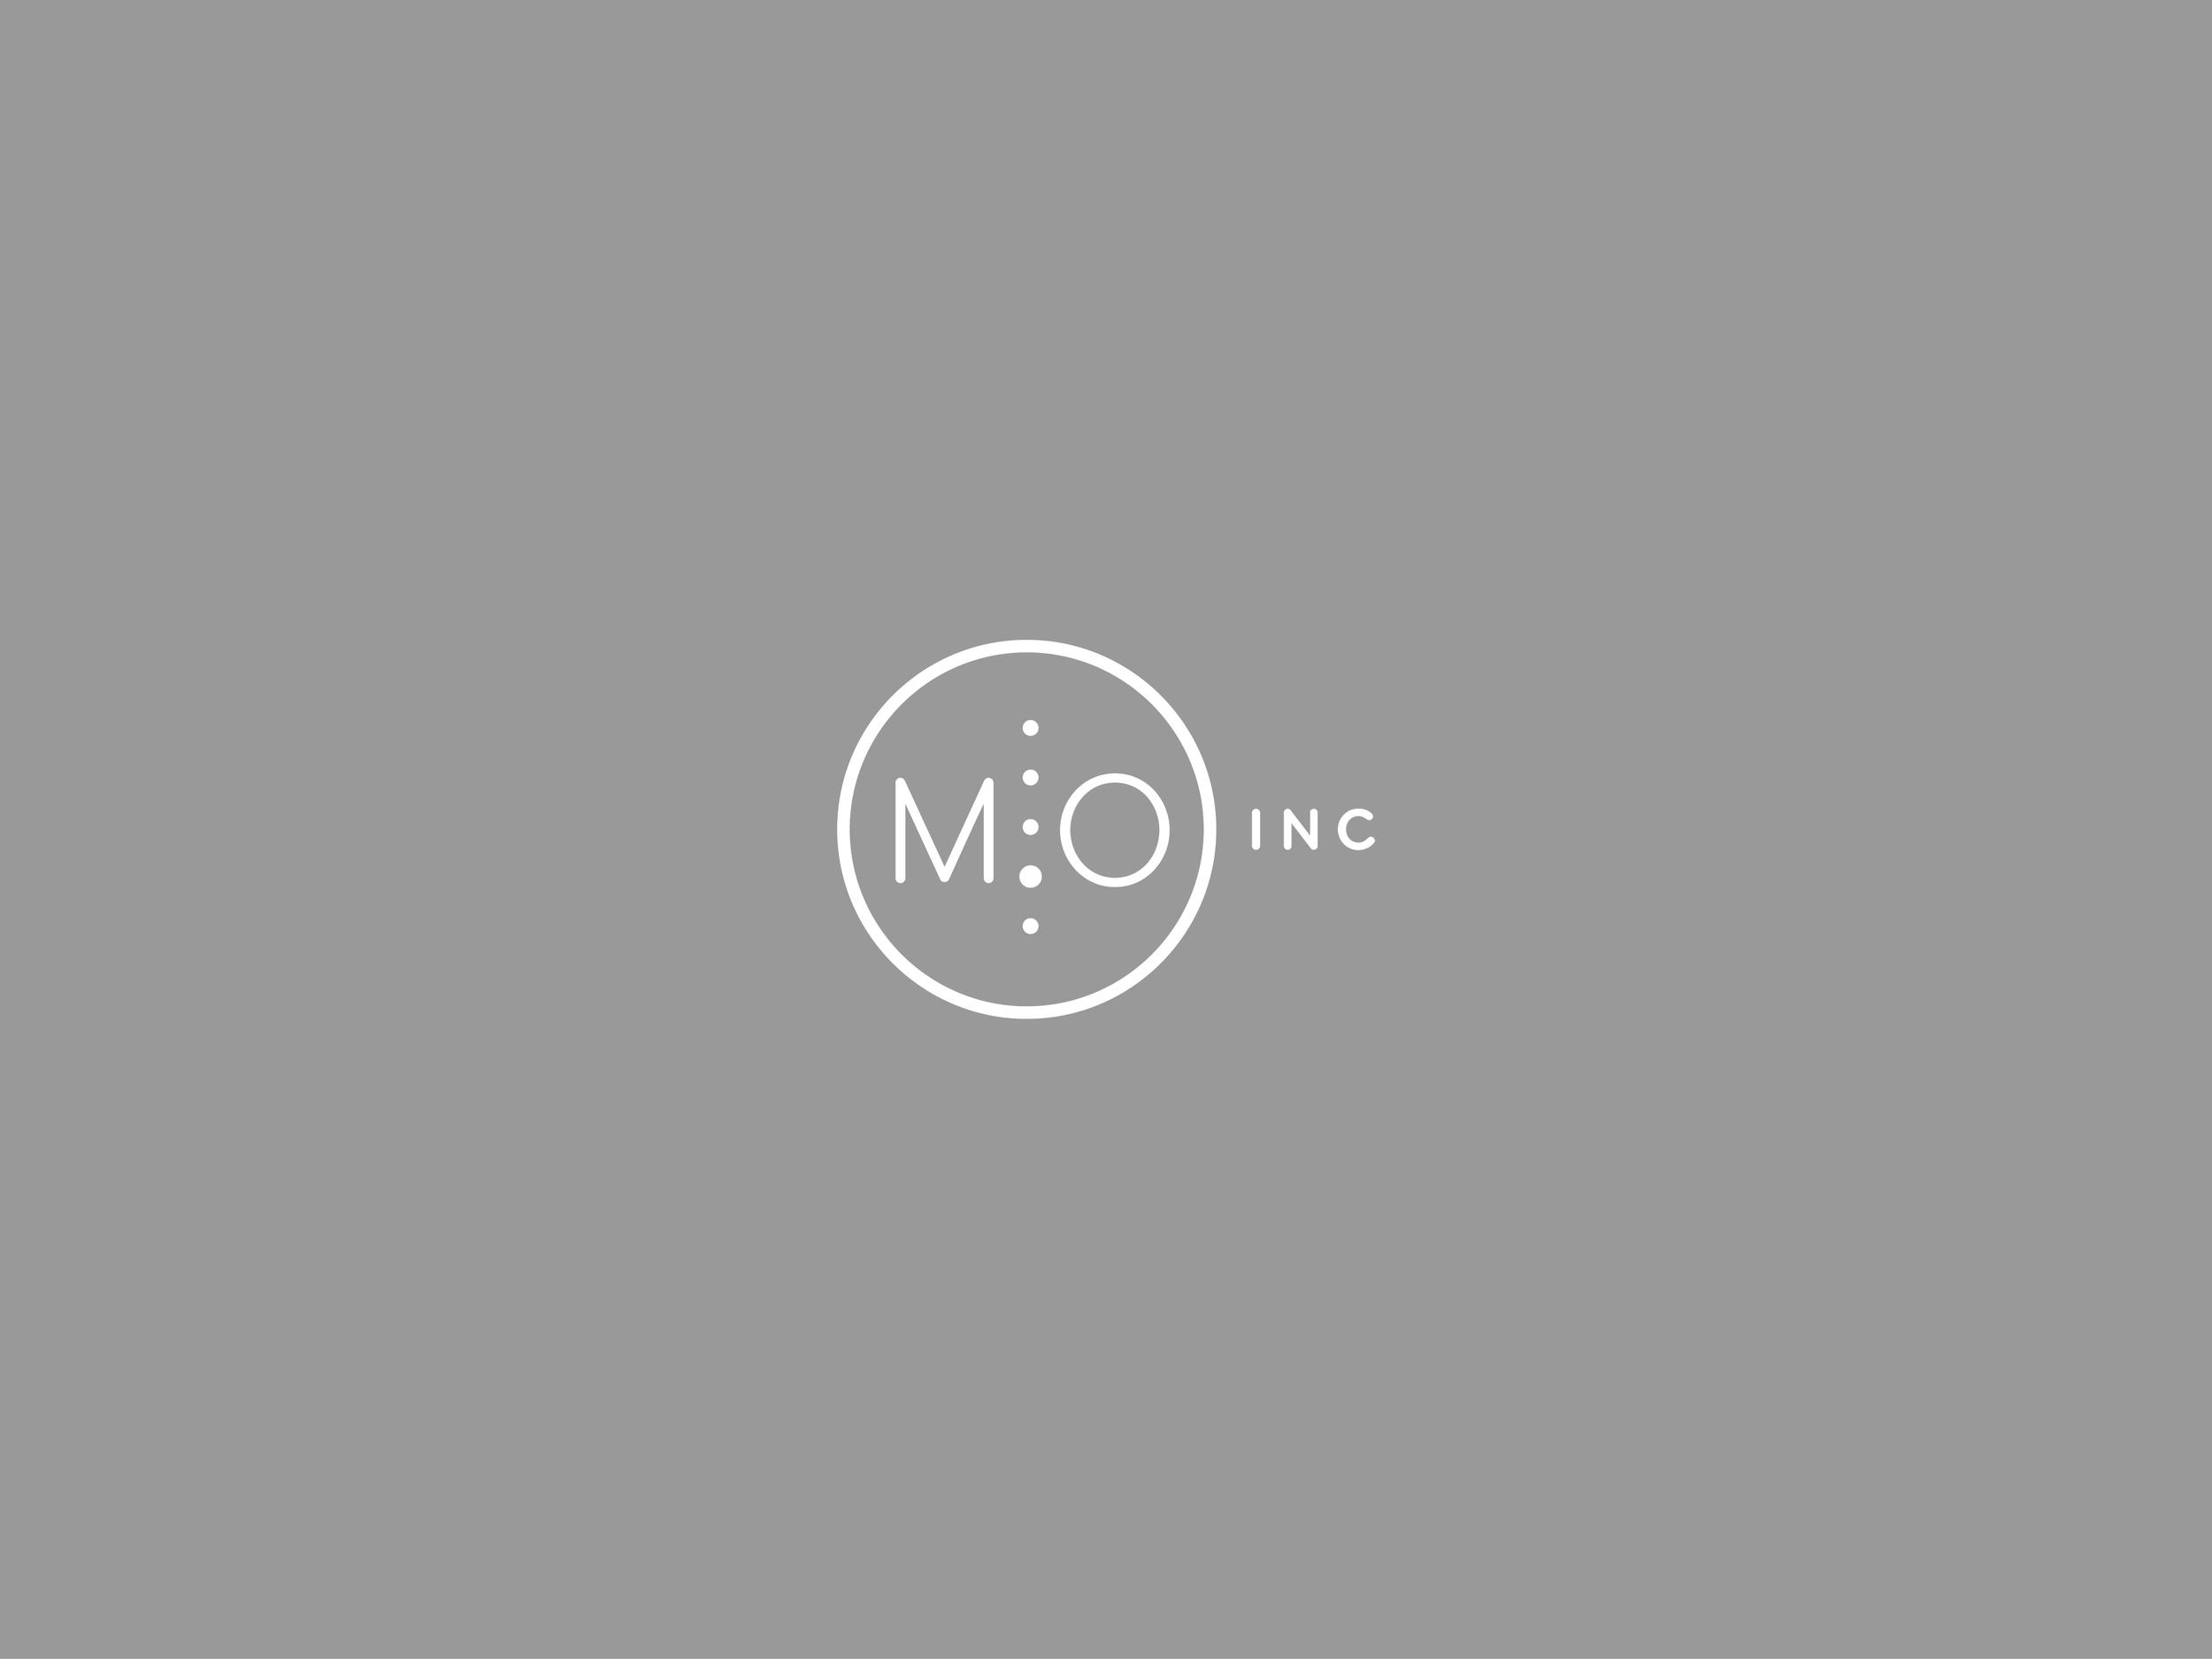 M.O. Inc.